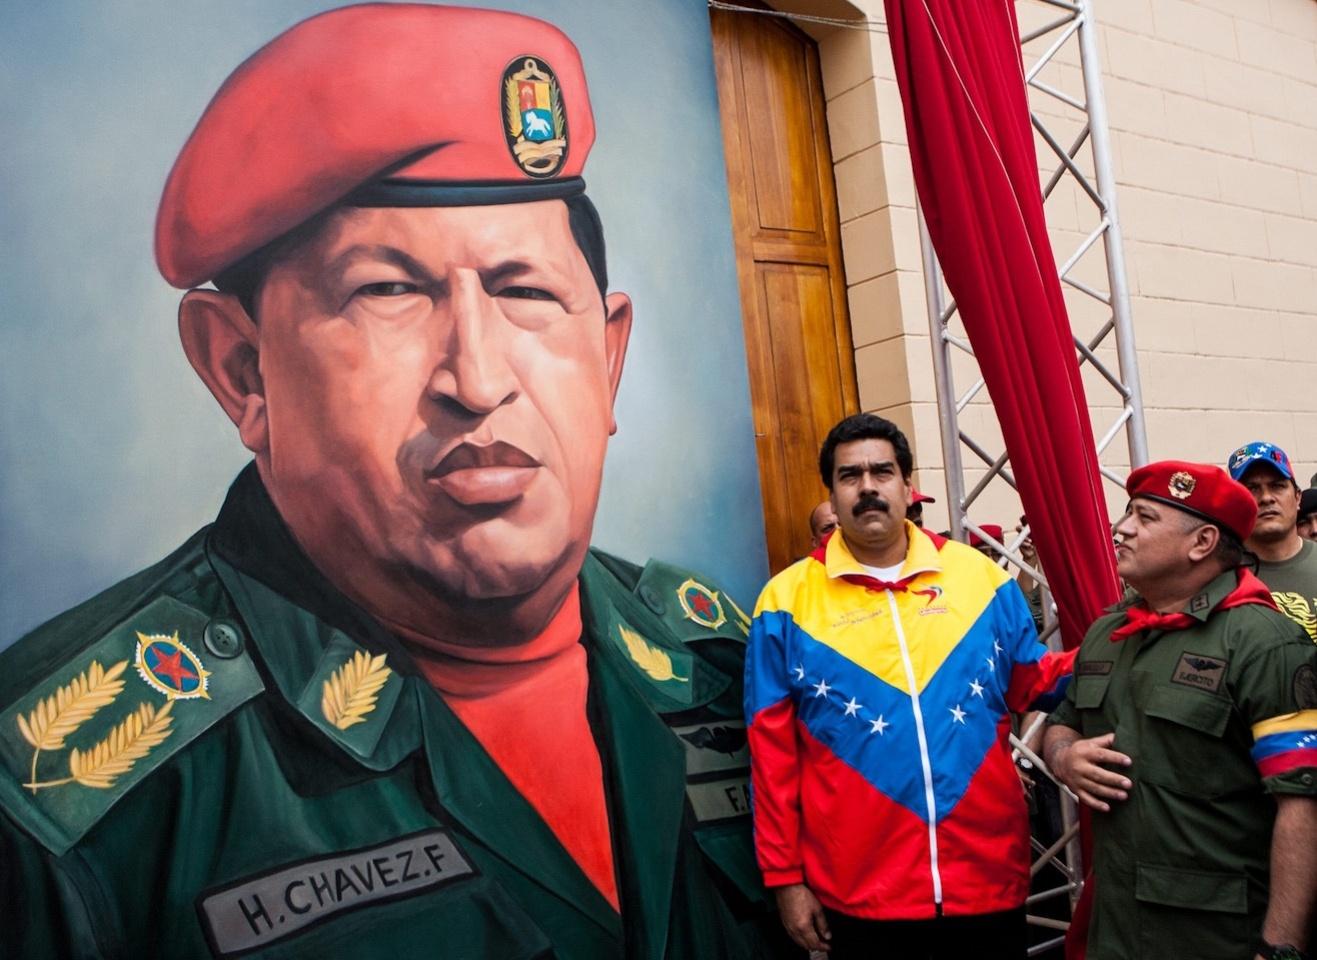 Кандидат від соціалістів Ніколас Мадуро, якого покійний лідер країни Уго Чавес обрав своїм наступником, у 2013 році з мінімальним відривом переміг на президентських виборах... Мадуро, отримав 50,7% голосів. За кандидата від опозиції Енріке Капрілеса було віддано 49,1% голосів.